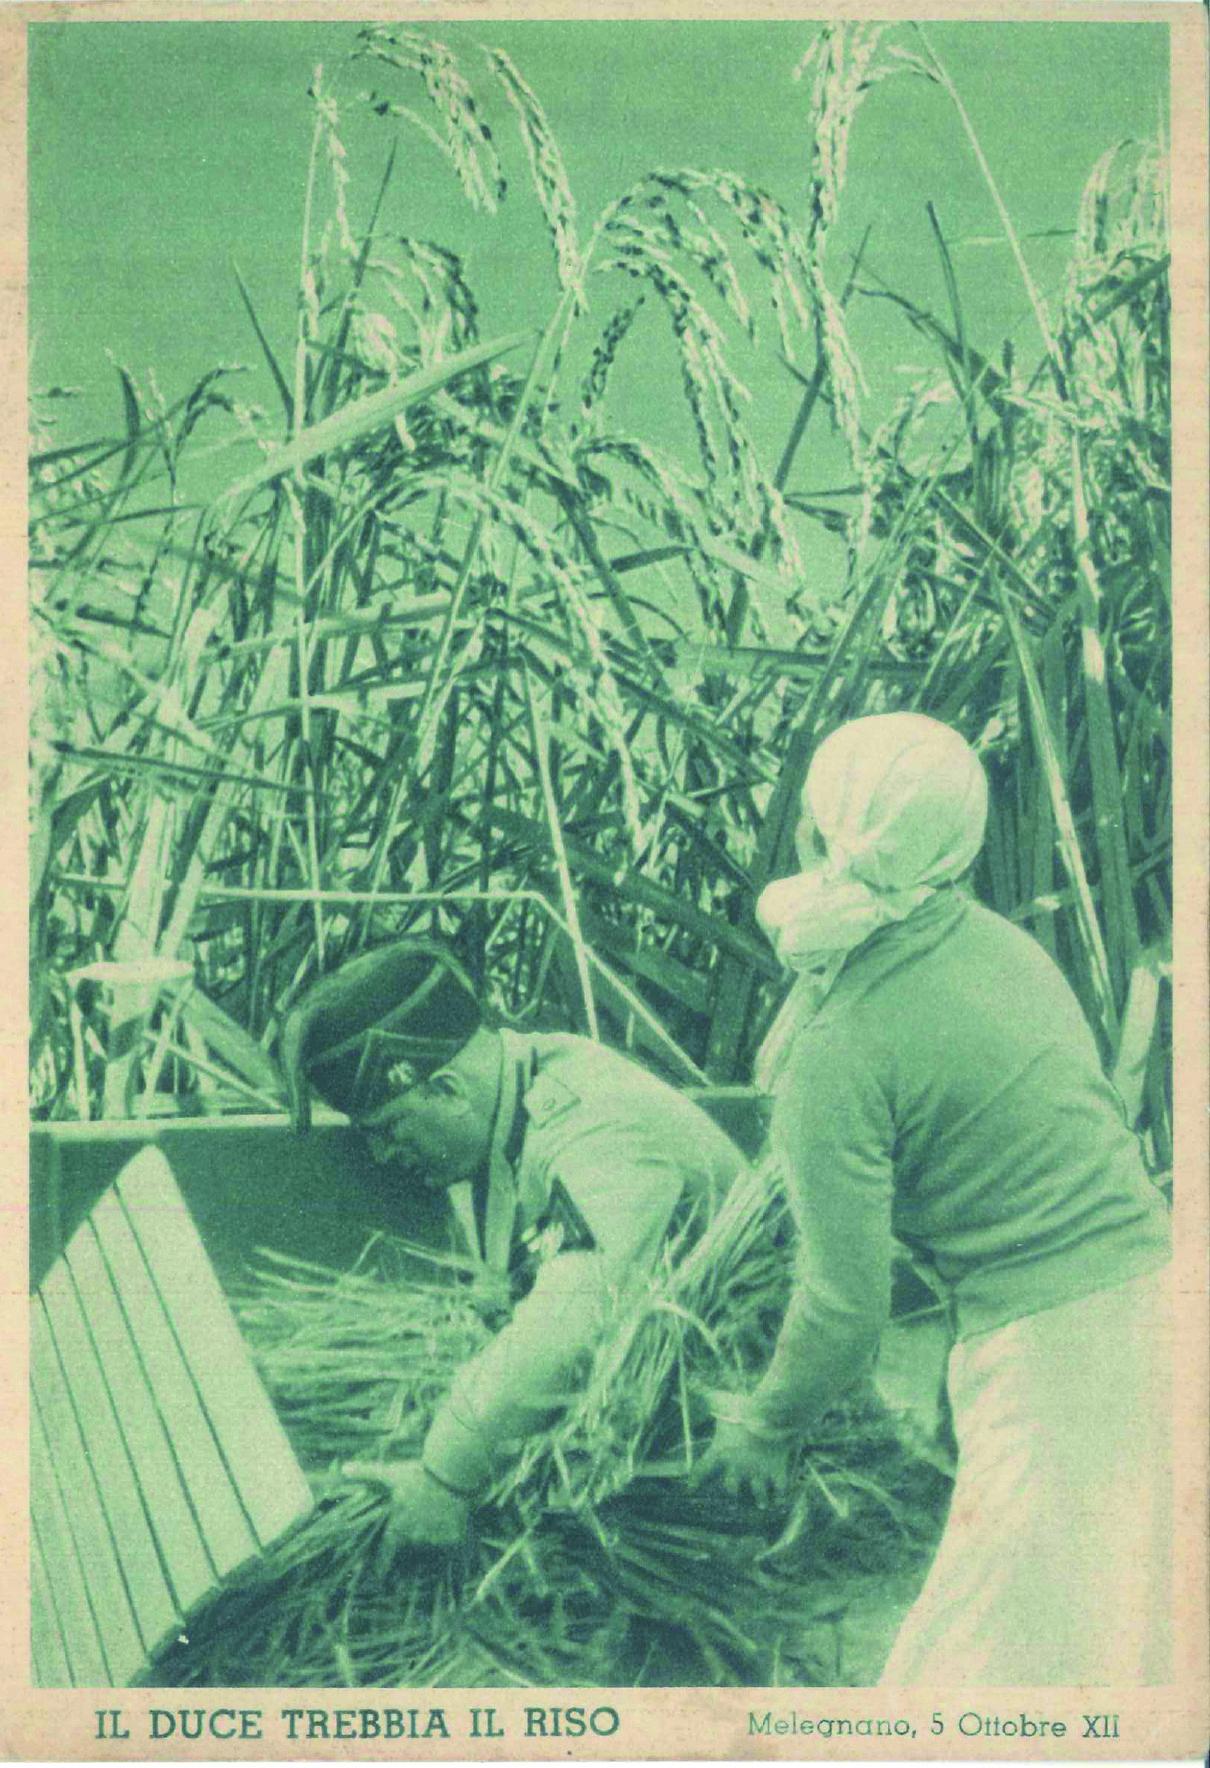 Mussolini ritratto mentre aiuta a trebbiare il riso. #fascismo #Mussolini #Lomellina #storia